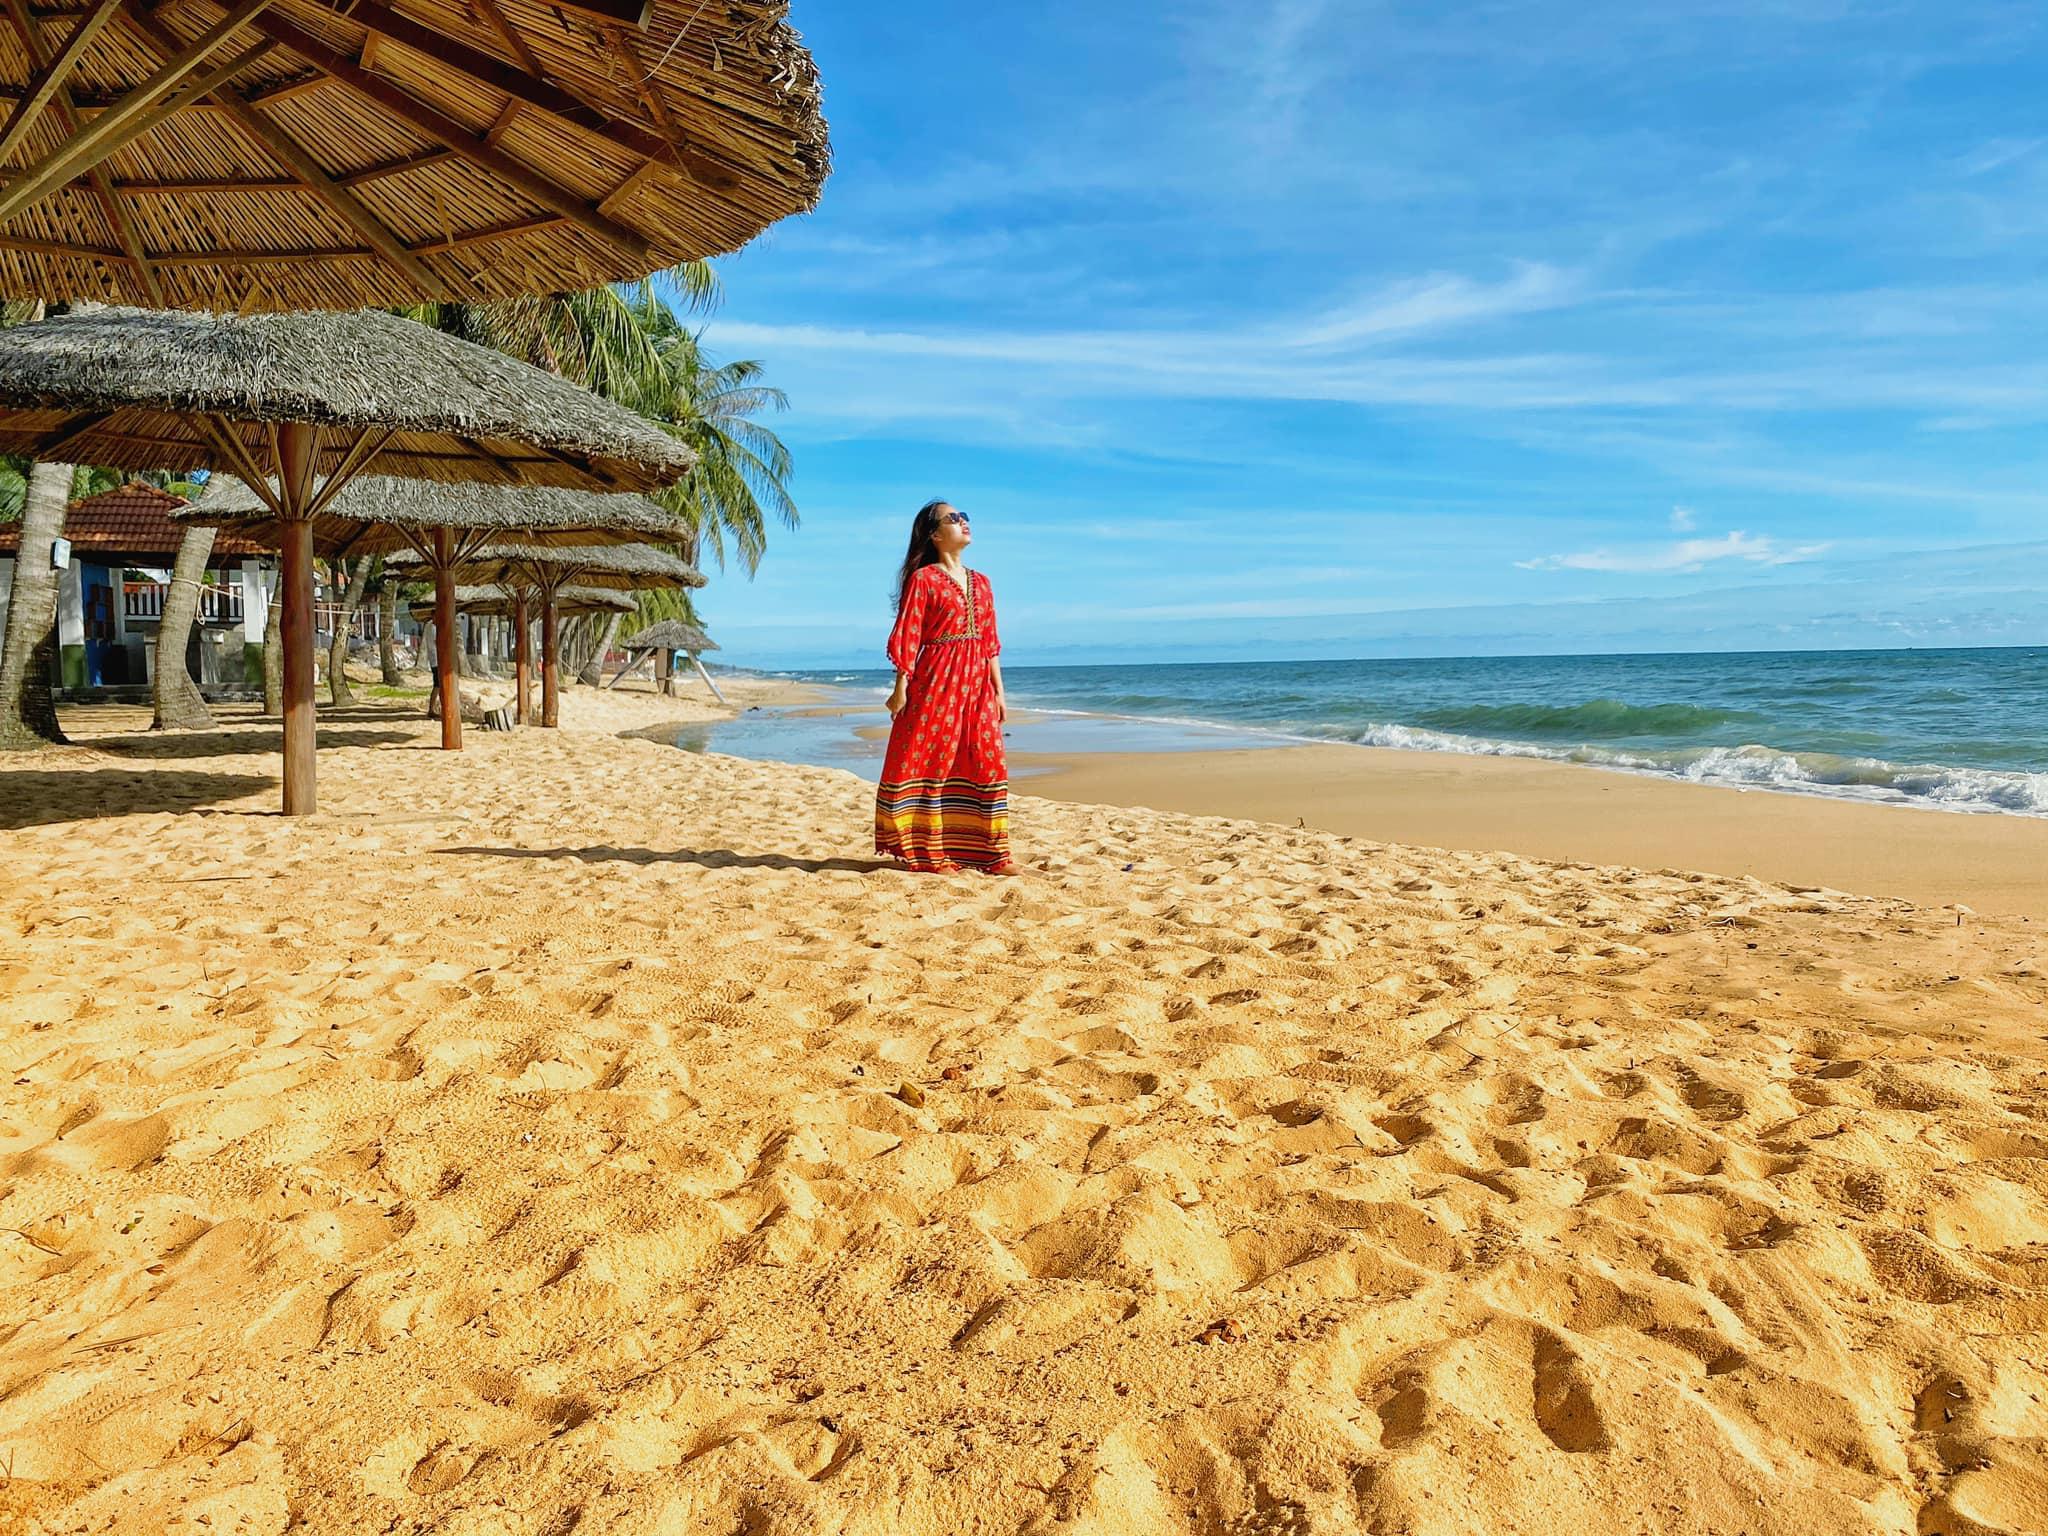 Tour du lịch Phú Quốc khởi hành từ Rạch Giá: Vô vàn ưu đãi trong dịp hè này  - Ảnh 6.